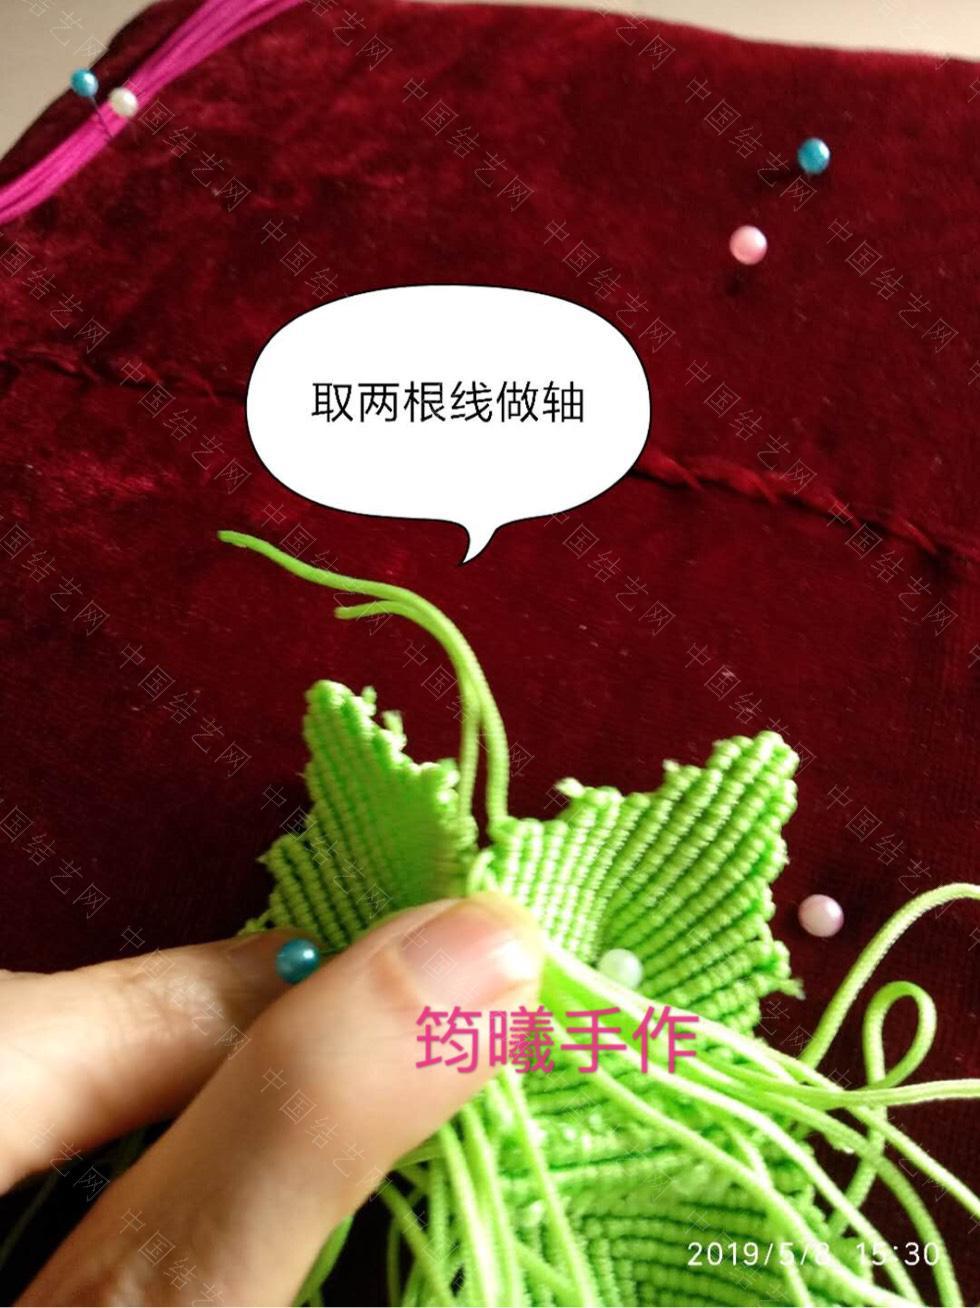 中国结论坛 新编叶子排骨缝合编法  立体绳结教程与交流区 224756pegupvvg3g2pcuu4